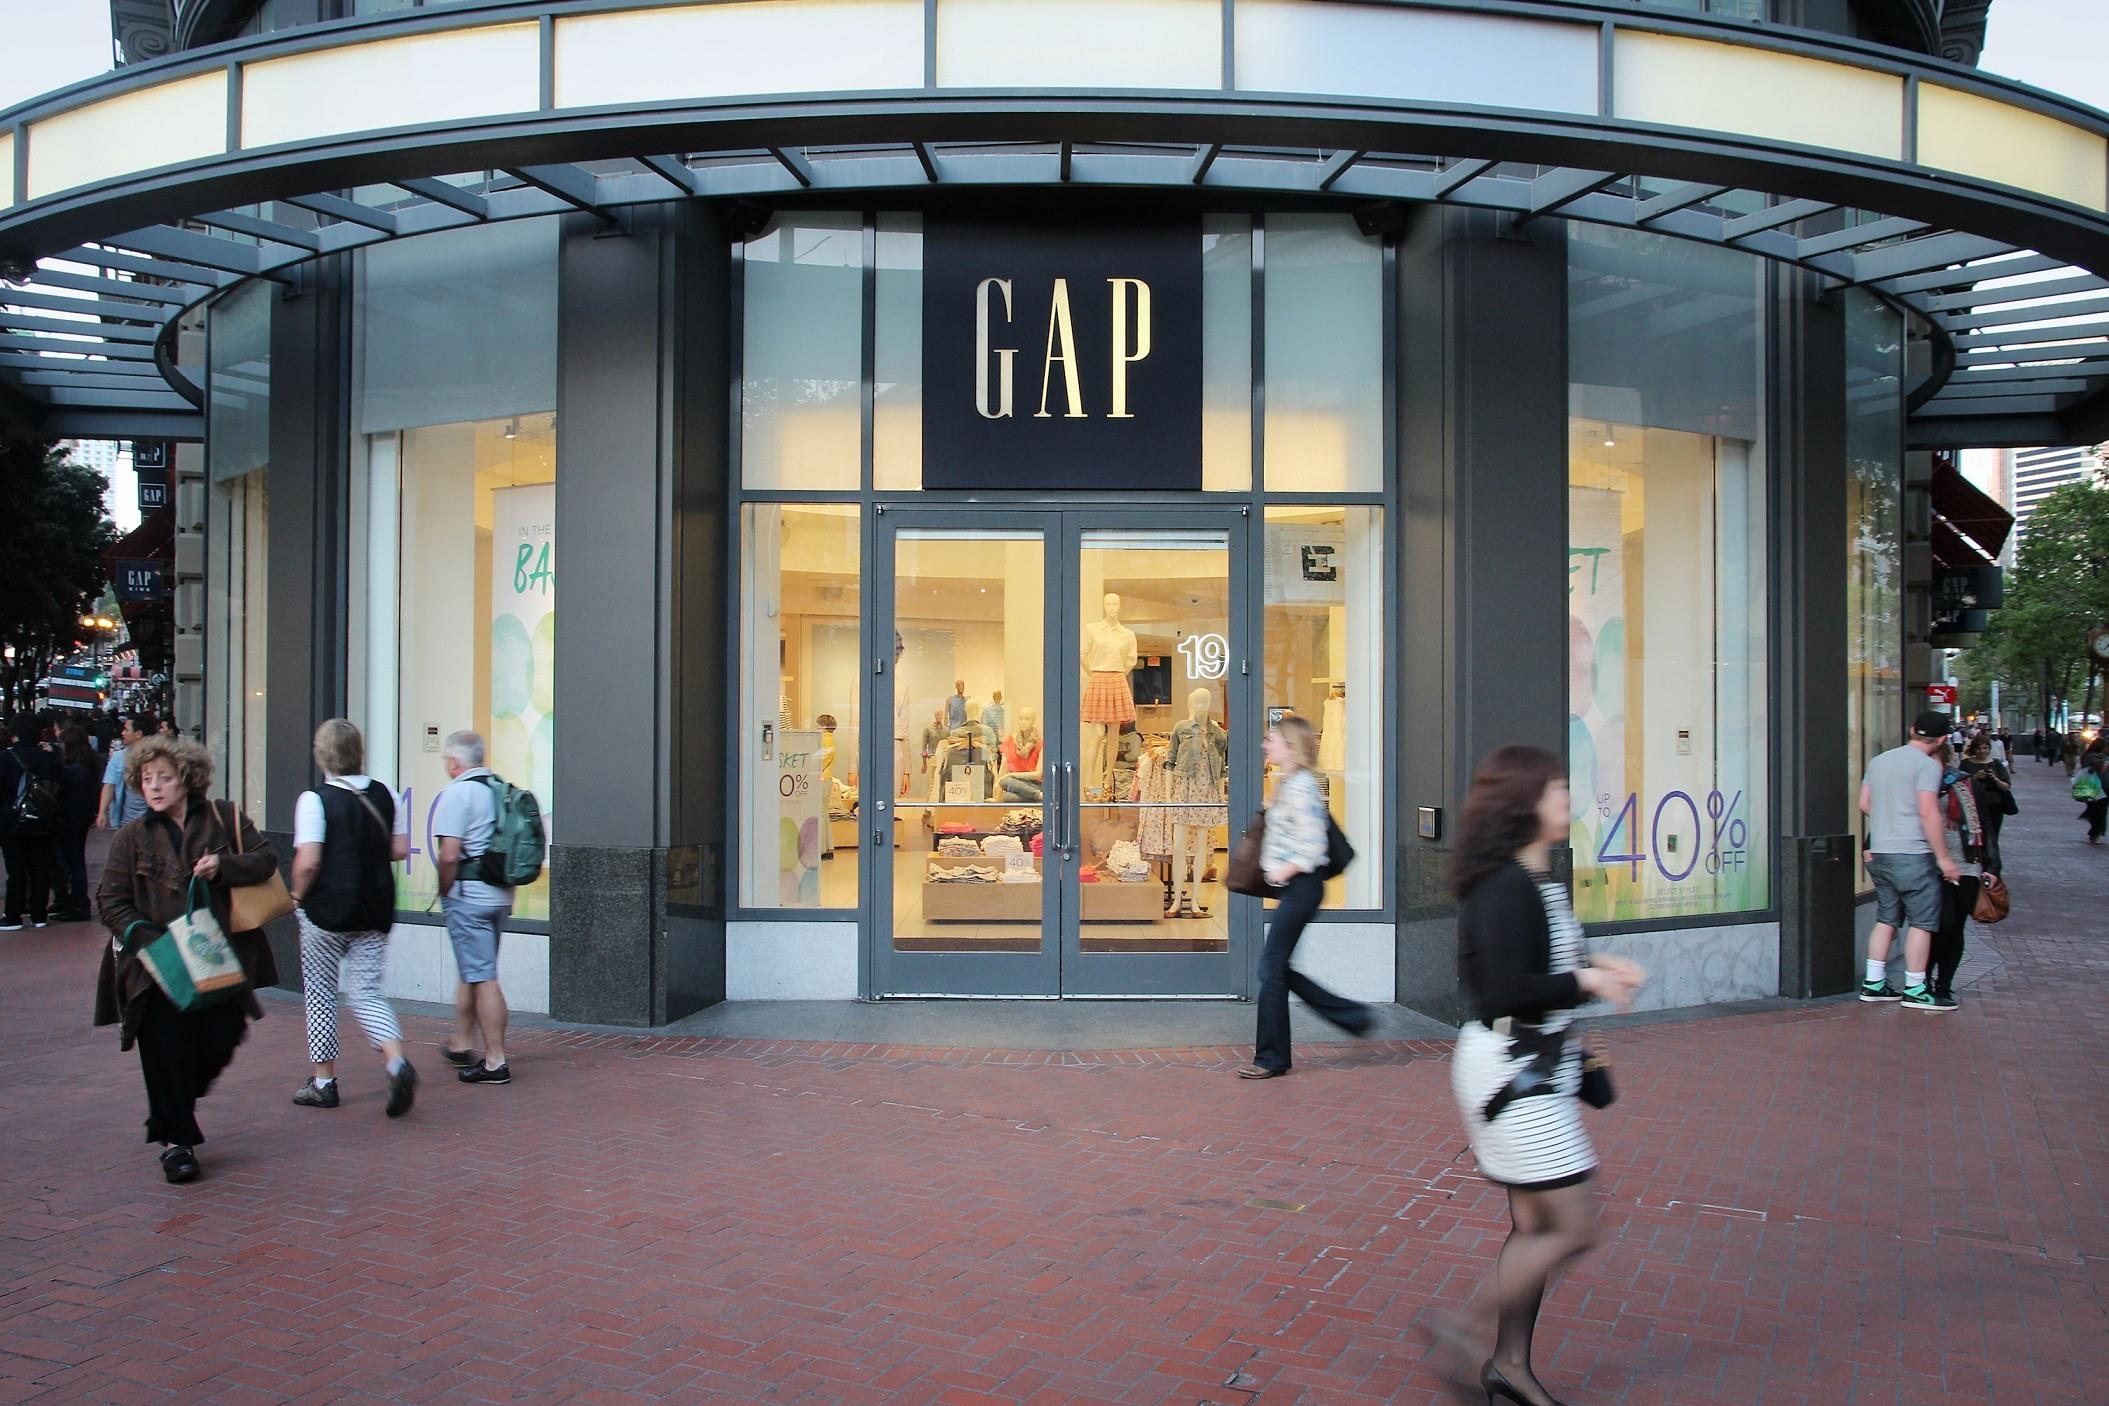 The Gap shop